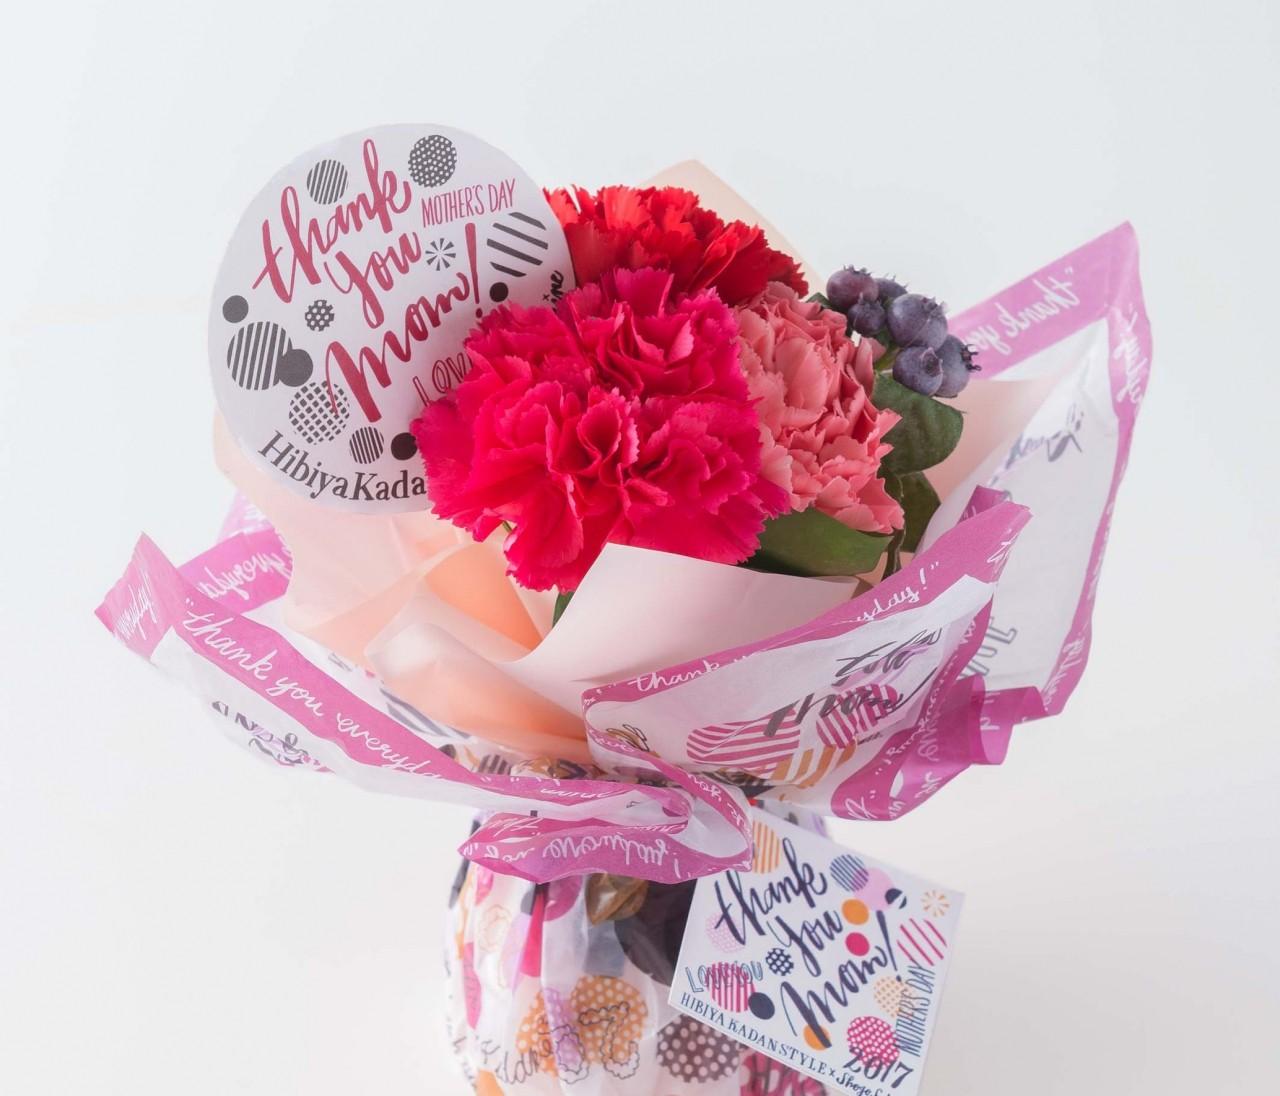 【母の日】SHOGO SEKINE×日比谷花壇のとっておきフラワーギフトを贈ろう!